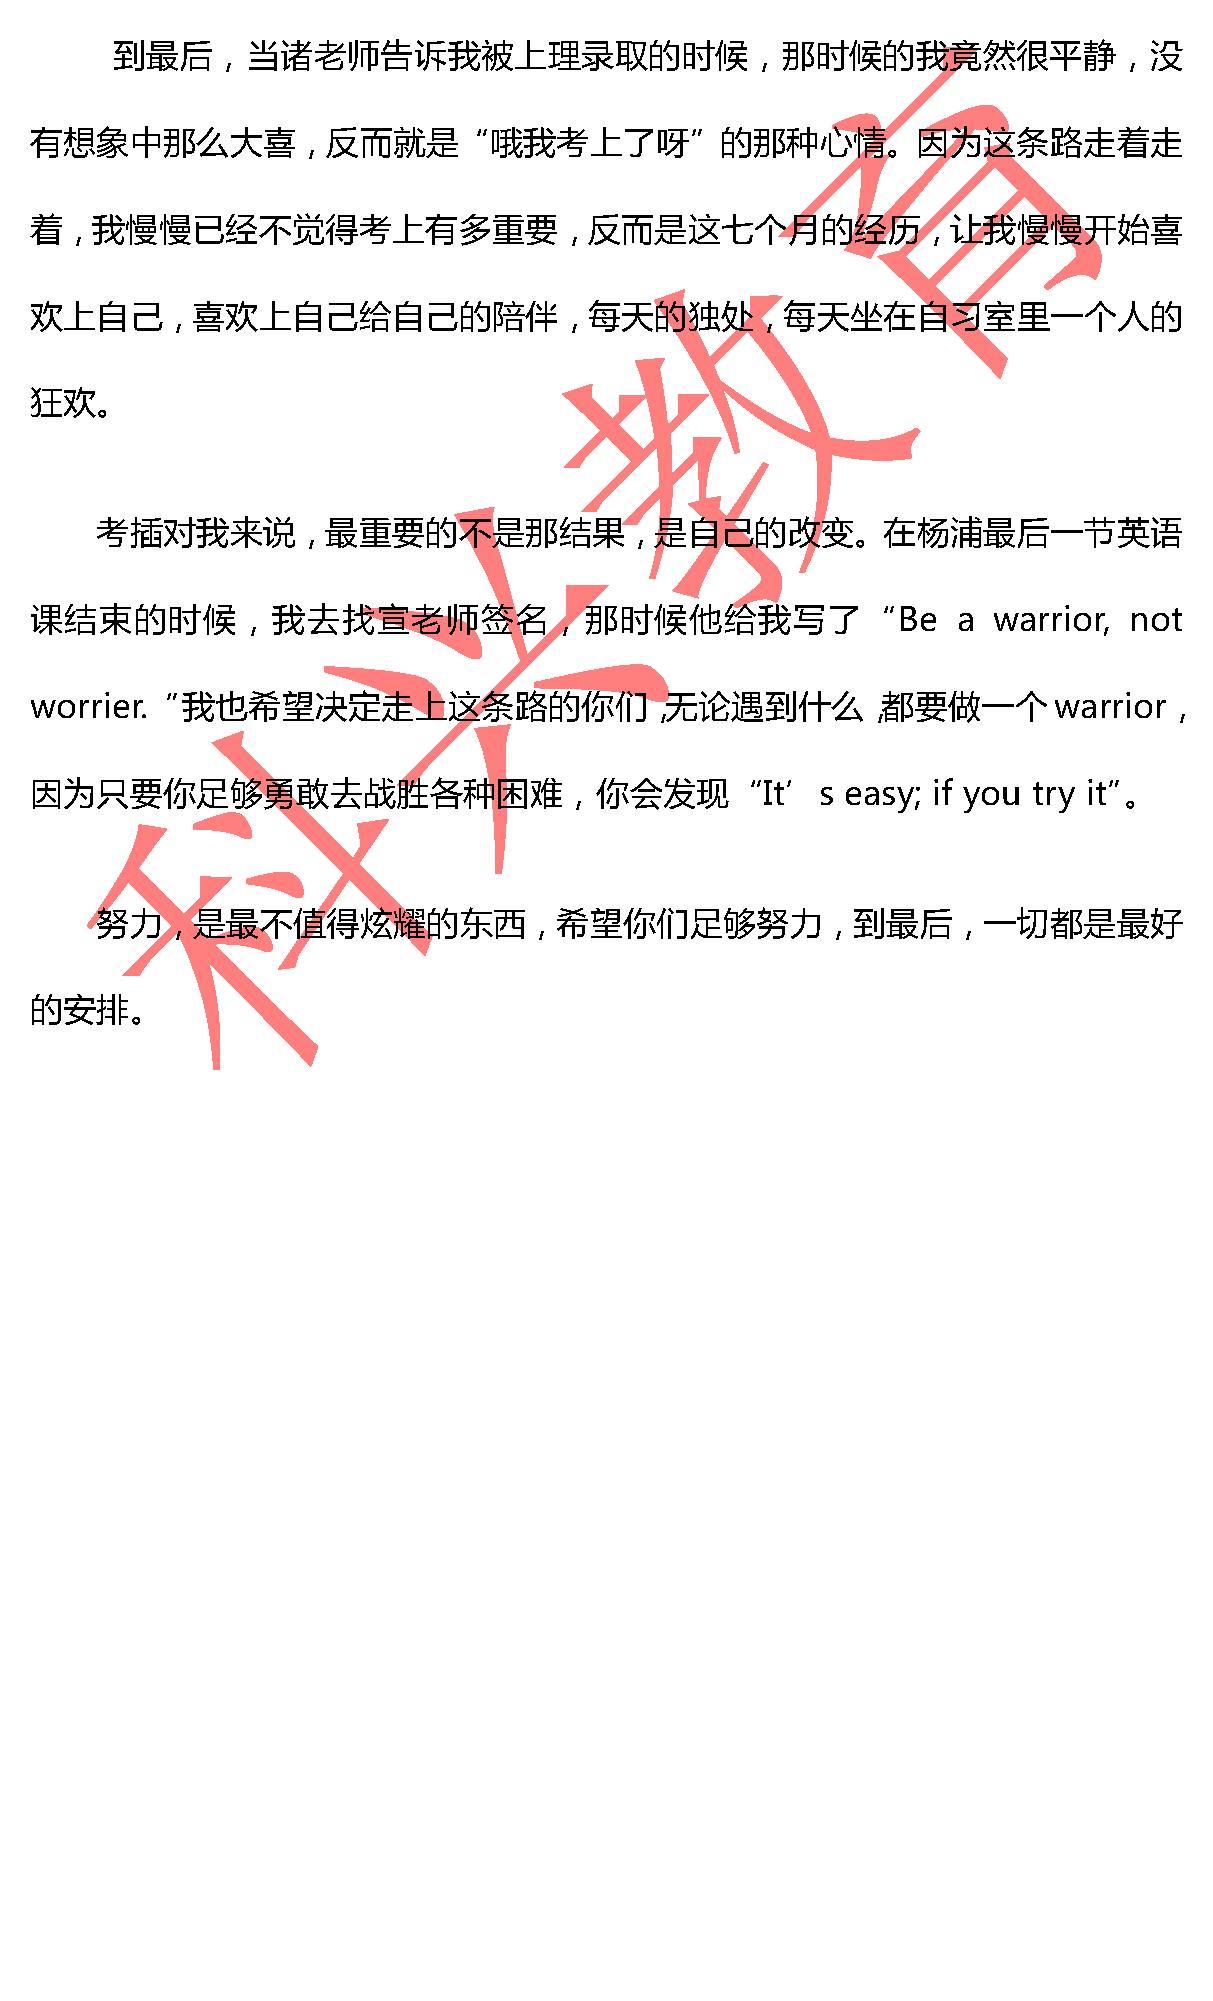 上理杨晓霖:一切都是最好的安排(17届)